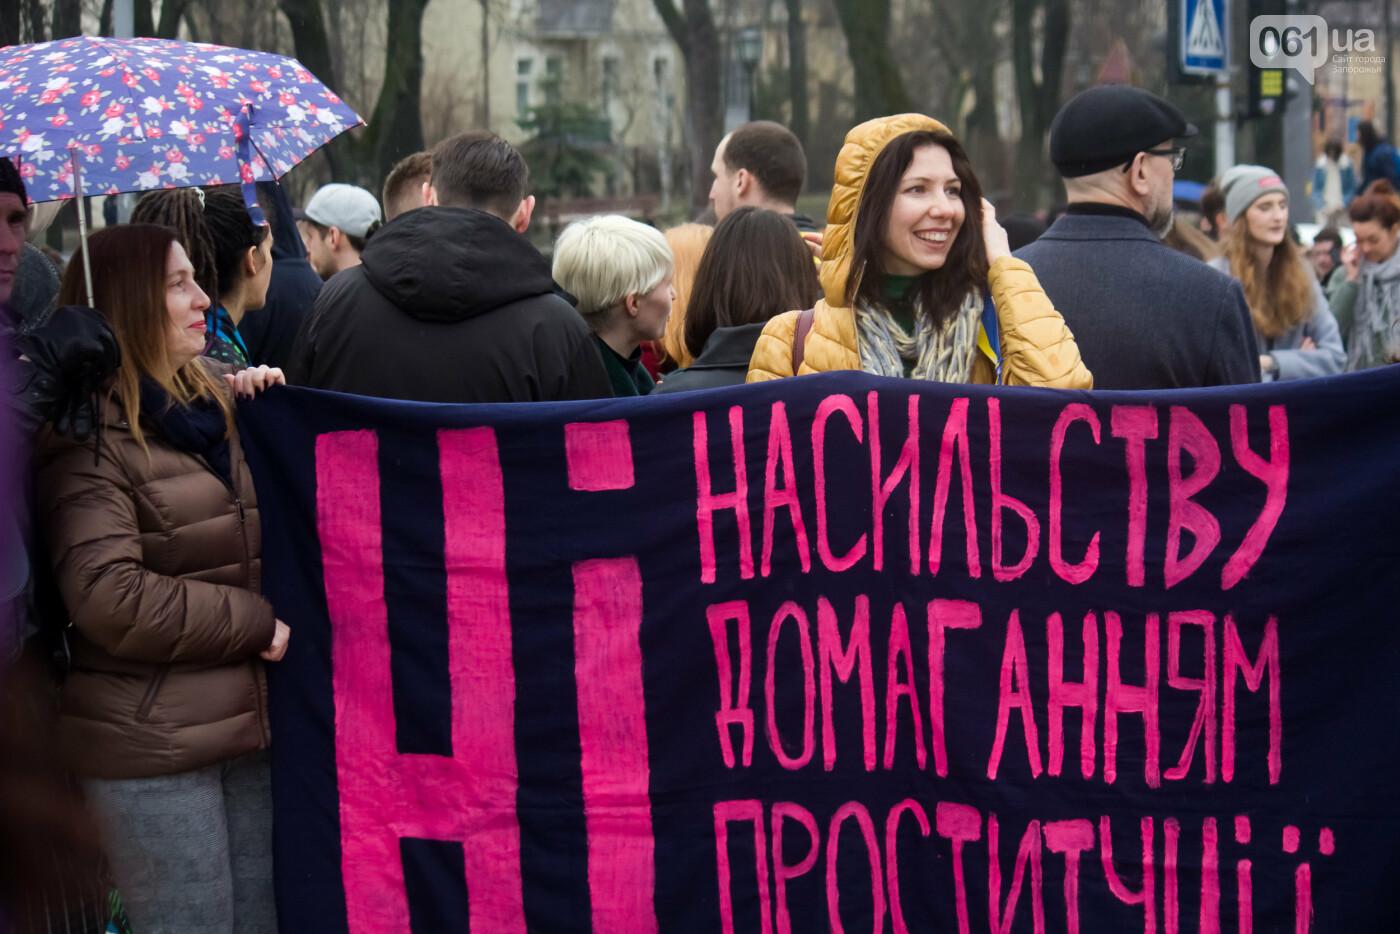 5 историй запорожцев, которые вышли на Марш женщин в Киеве: почему для них это важно, - ФОТОРЕПОРТАЖ, фото-21